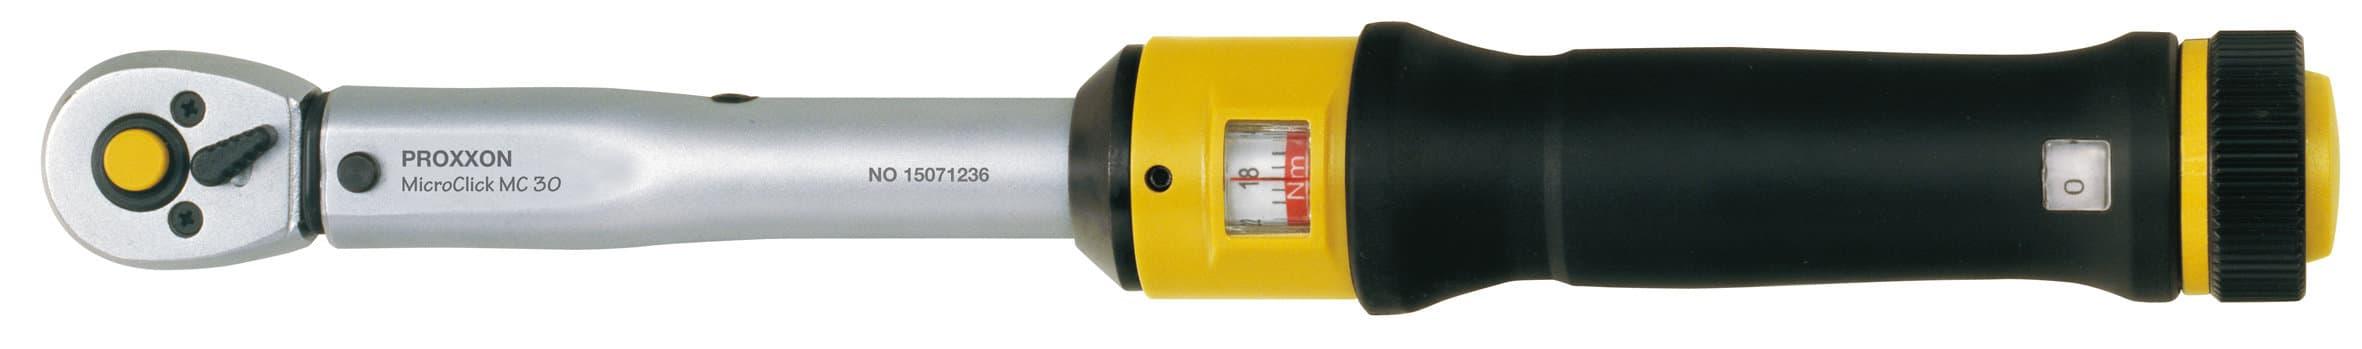 """Proxxon MicroClick Drehmomentschlüssel MC 30, 6 - 30 Nm, 1/4"""""""